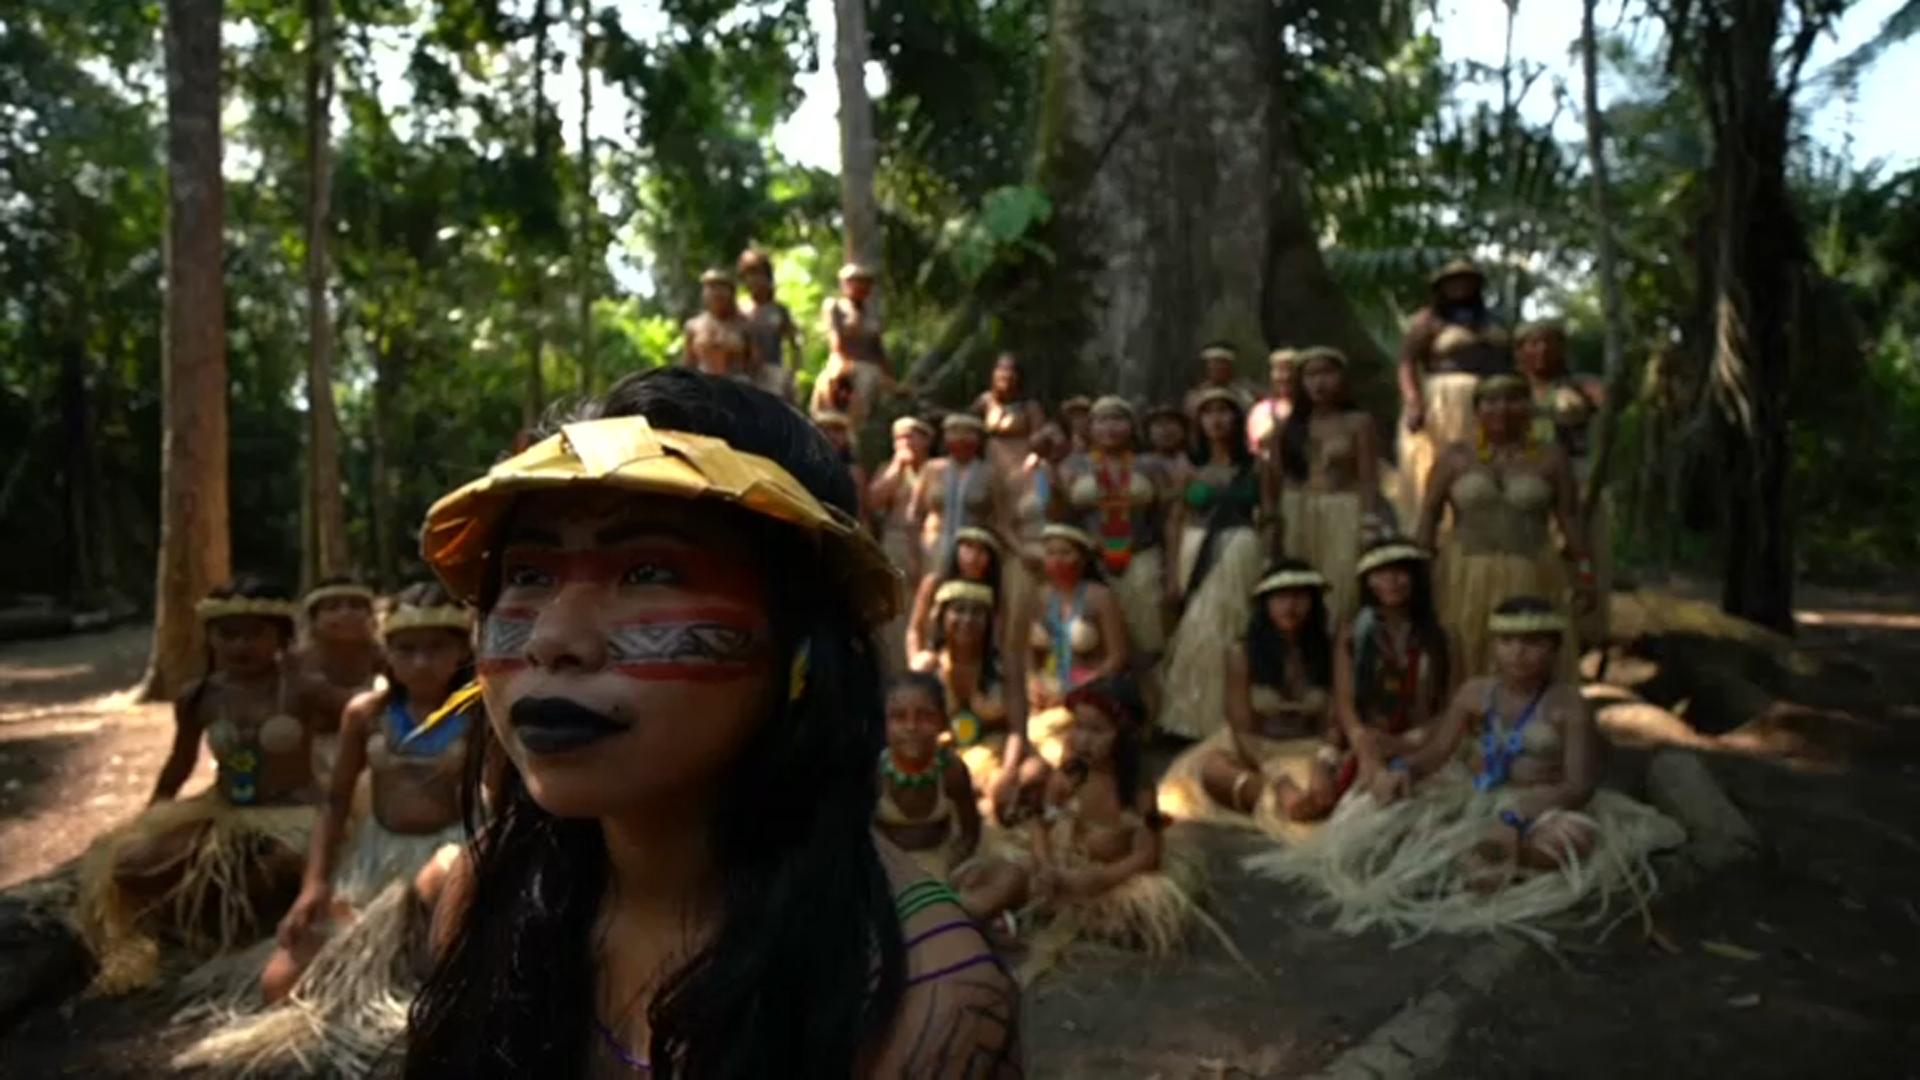 Controcanto - Amazzonia, casa comune